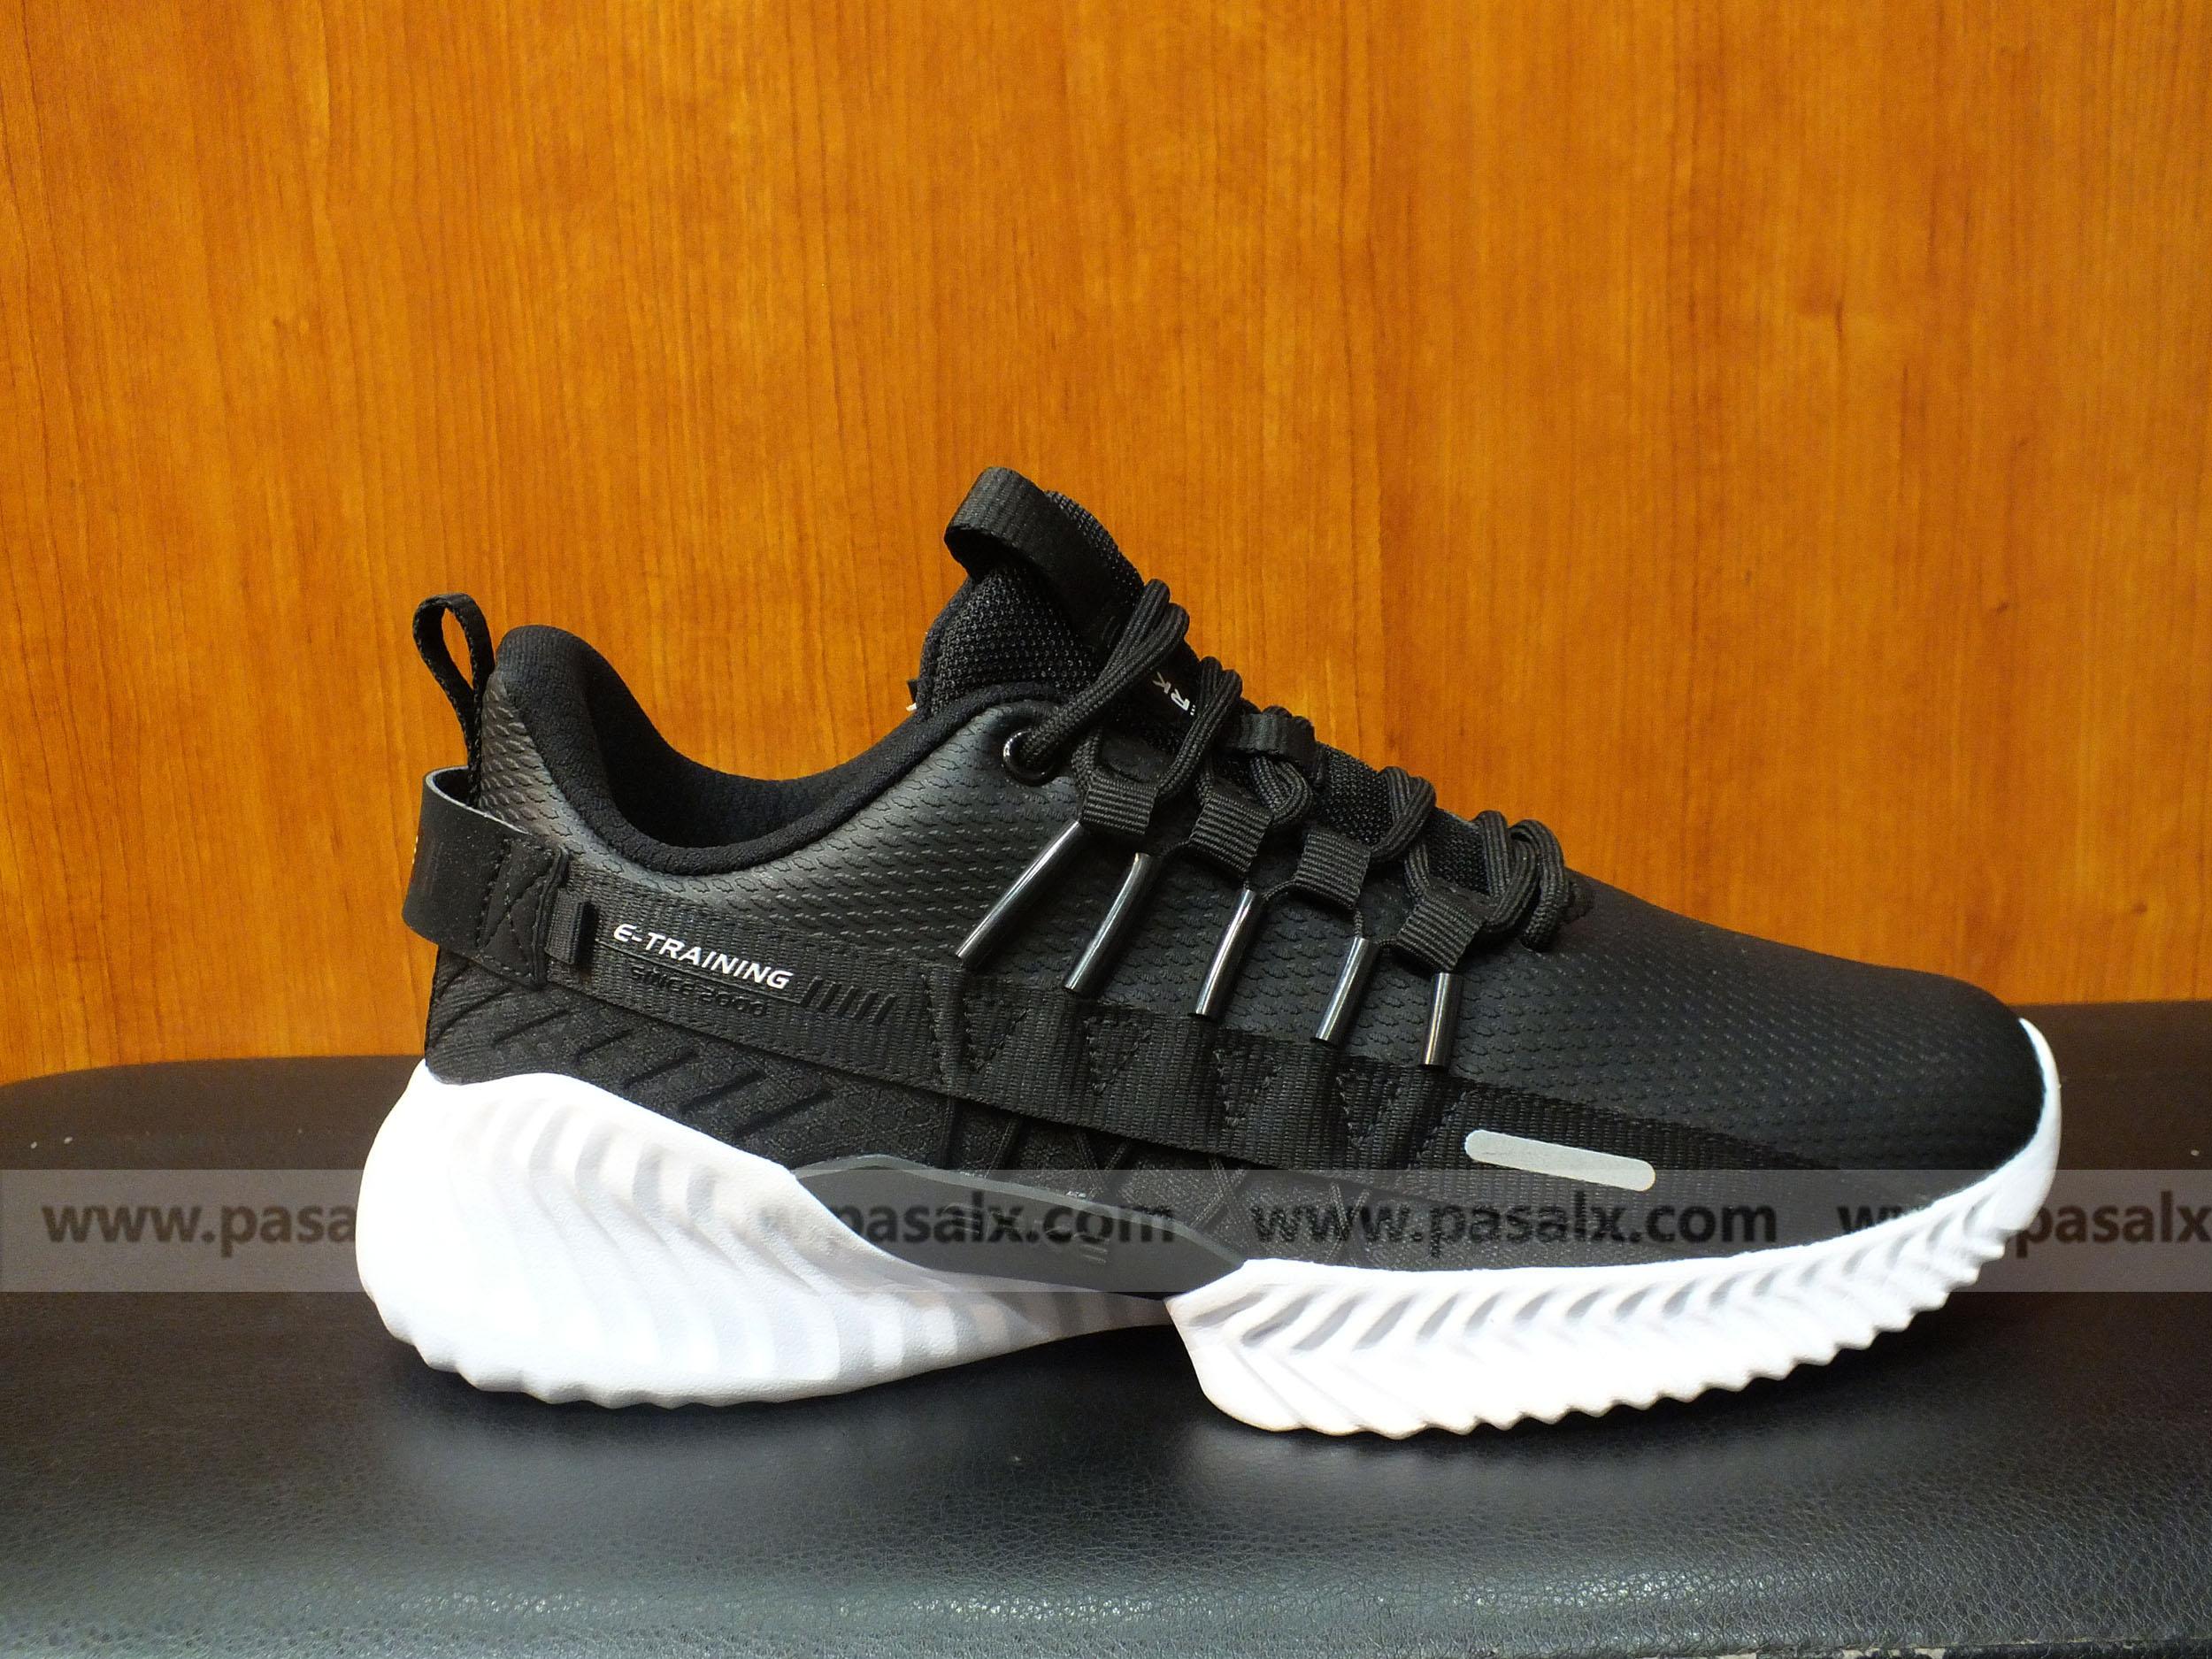 ERKE  Black & White Training Shoe For Men- 11119414510-004